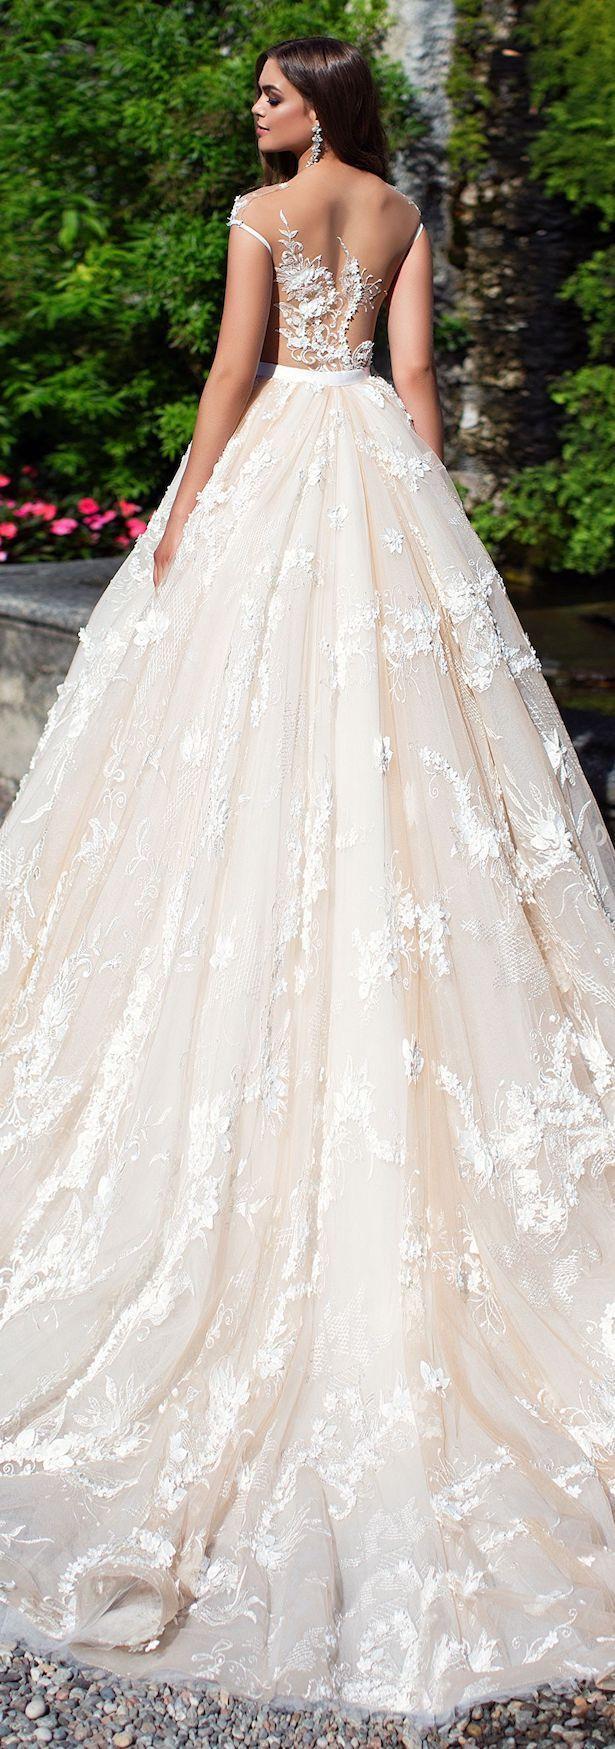 Hochzeitskleid von Milla Nova White Desire 16 Brautmoden